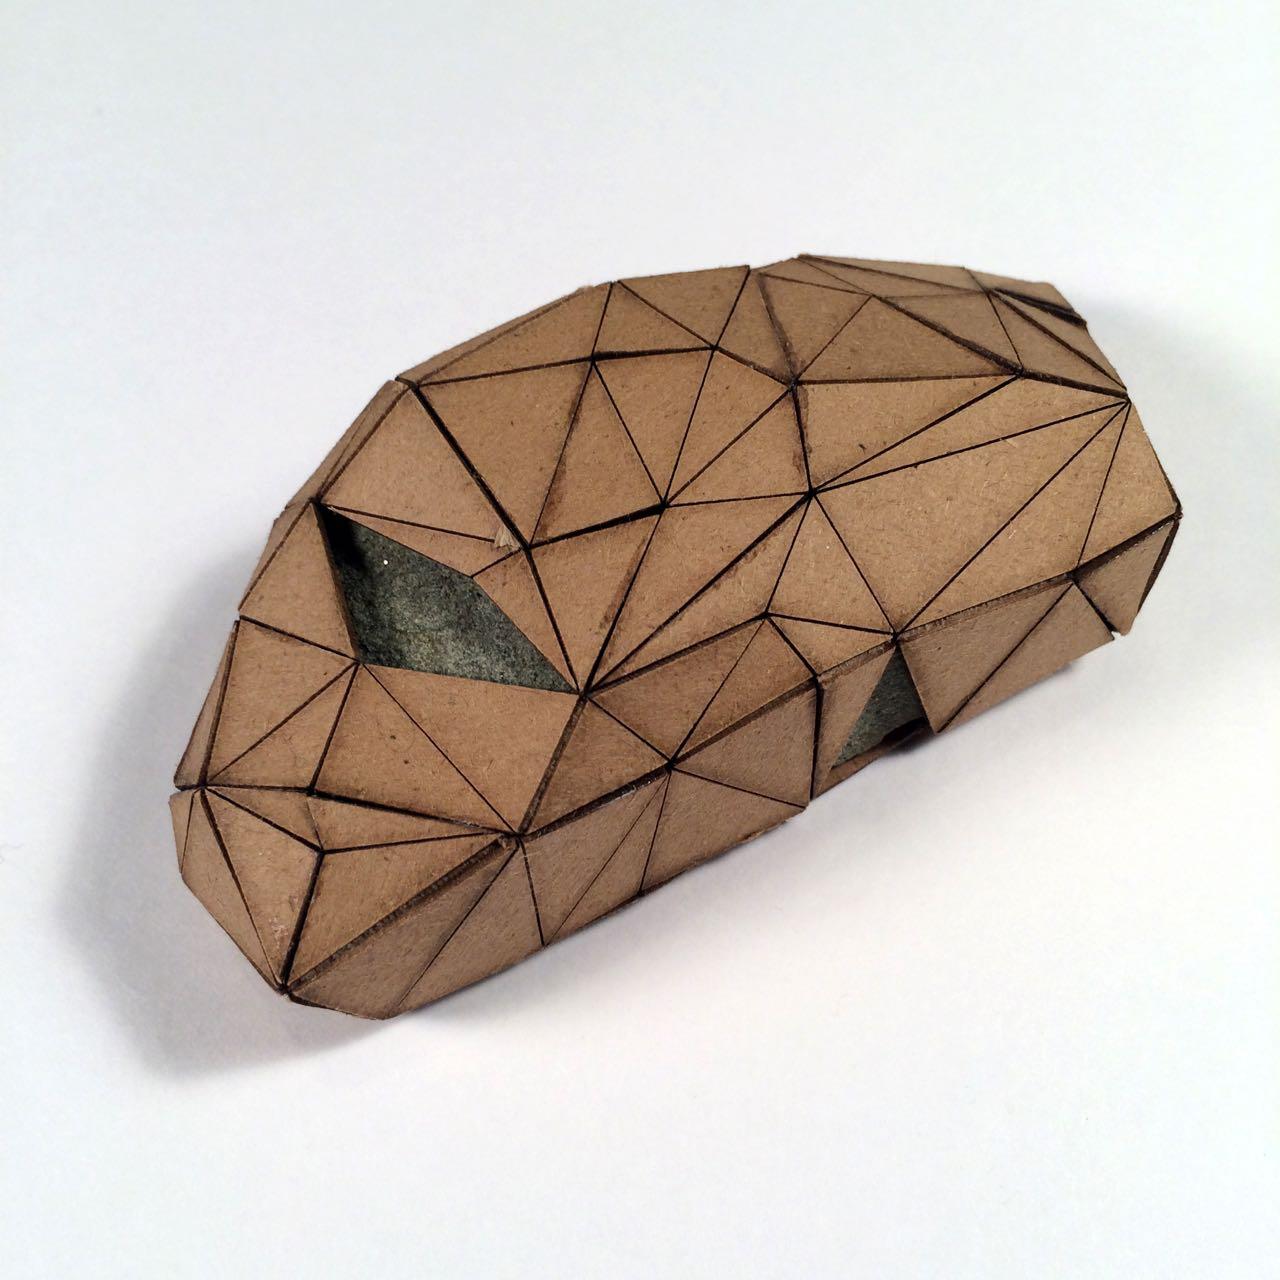 (Back view) 041 - Boxes For Rocks, 2012, laser cut cardboard, found rocks, glue, 5cm x 4.5cm x 3cm (squarish), 250 CAD